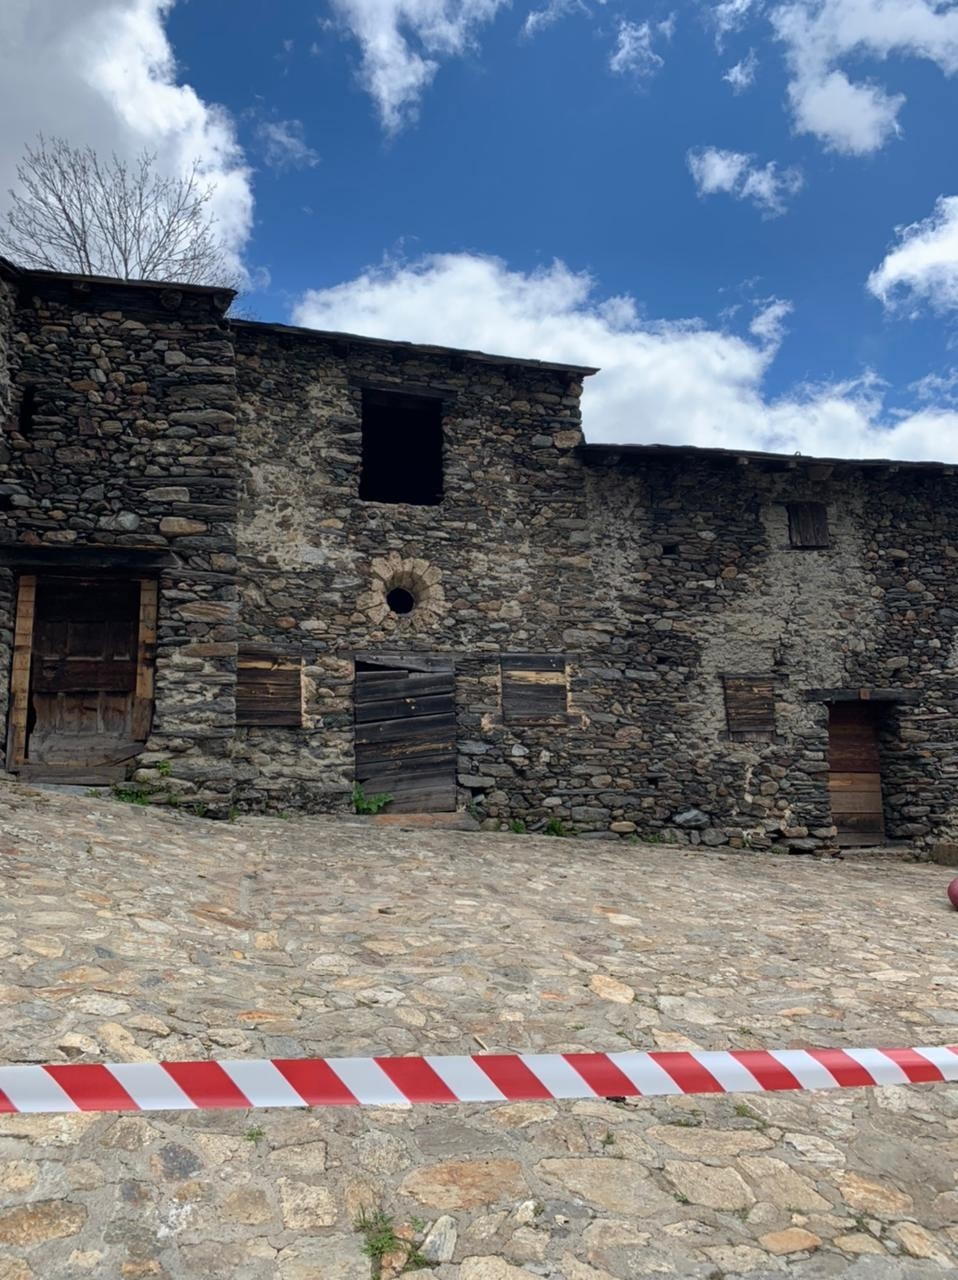 La capella de Sant Pelegrí, annexa a cal Call del Tarter, va ser dessacralitzada al XIX i va funcionar com a cobert fins als anys 80.